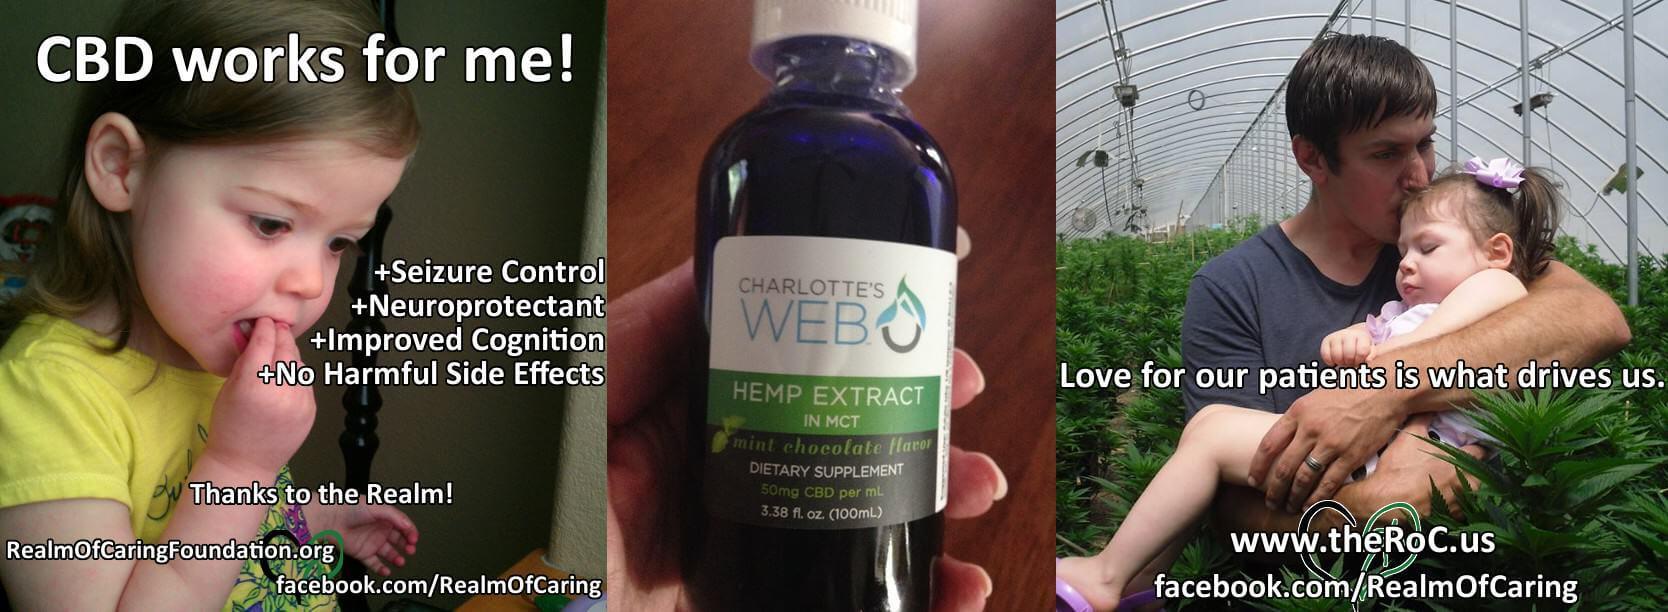 L'huile de la variété de cannabis Charlotte's Web est utilisée pour soigner de nombreux enfants.